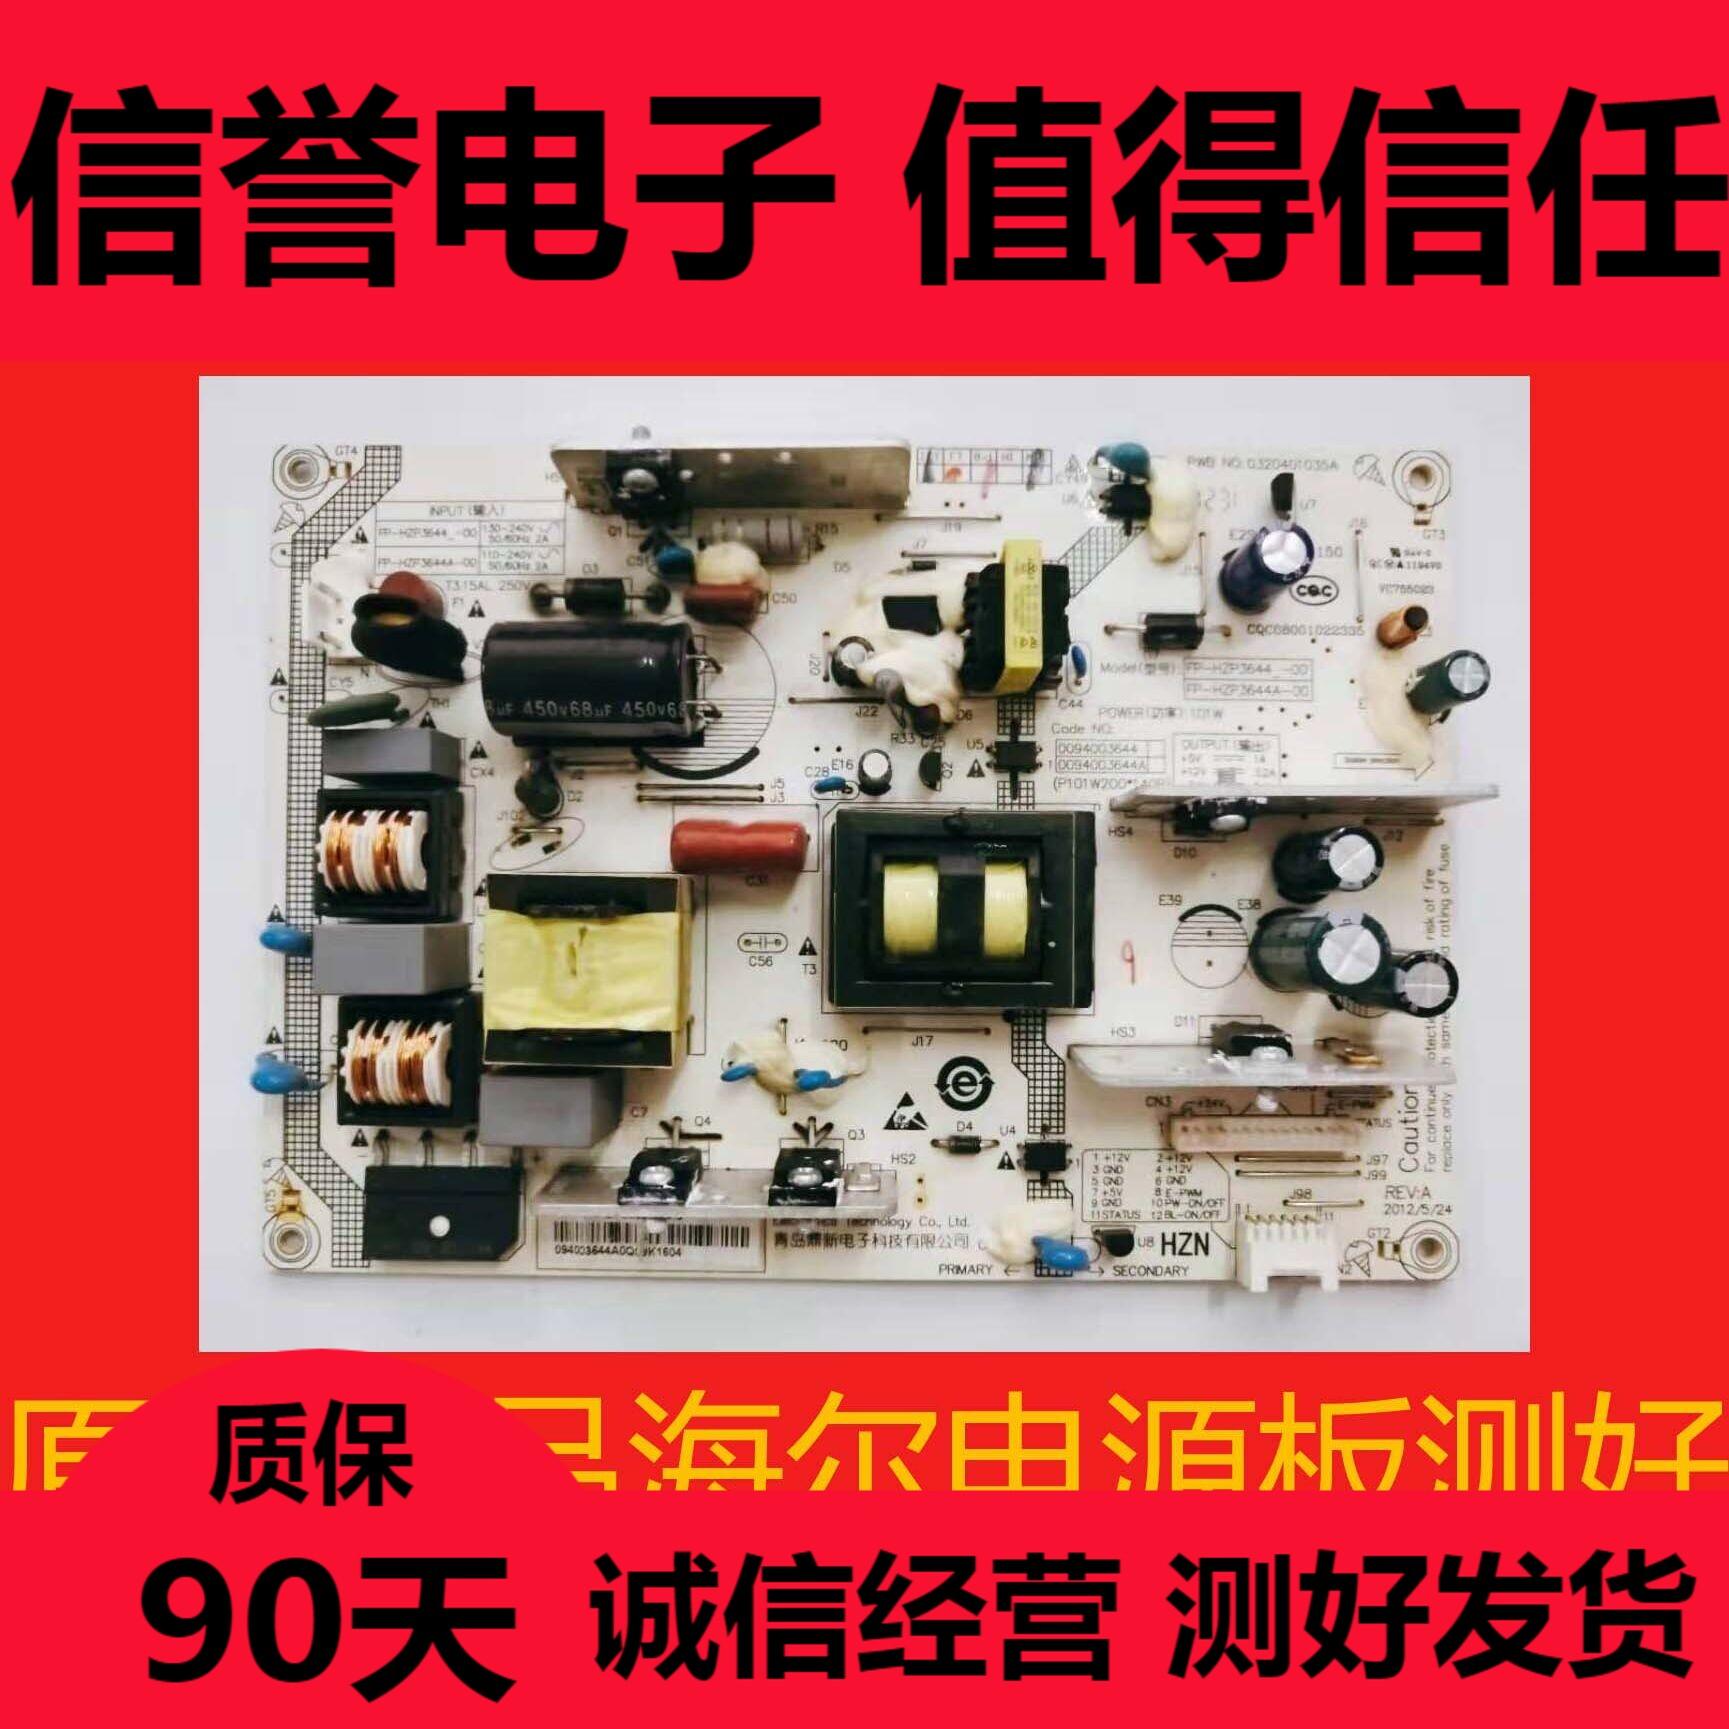 现货~原装海尔le42h320d电源板